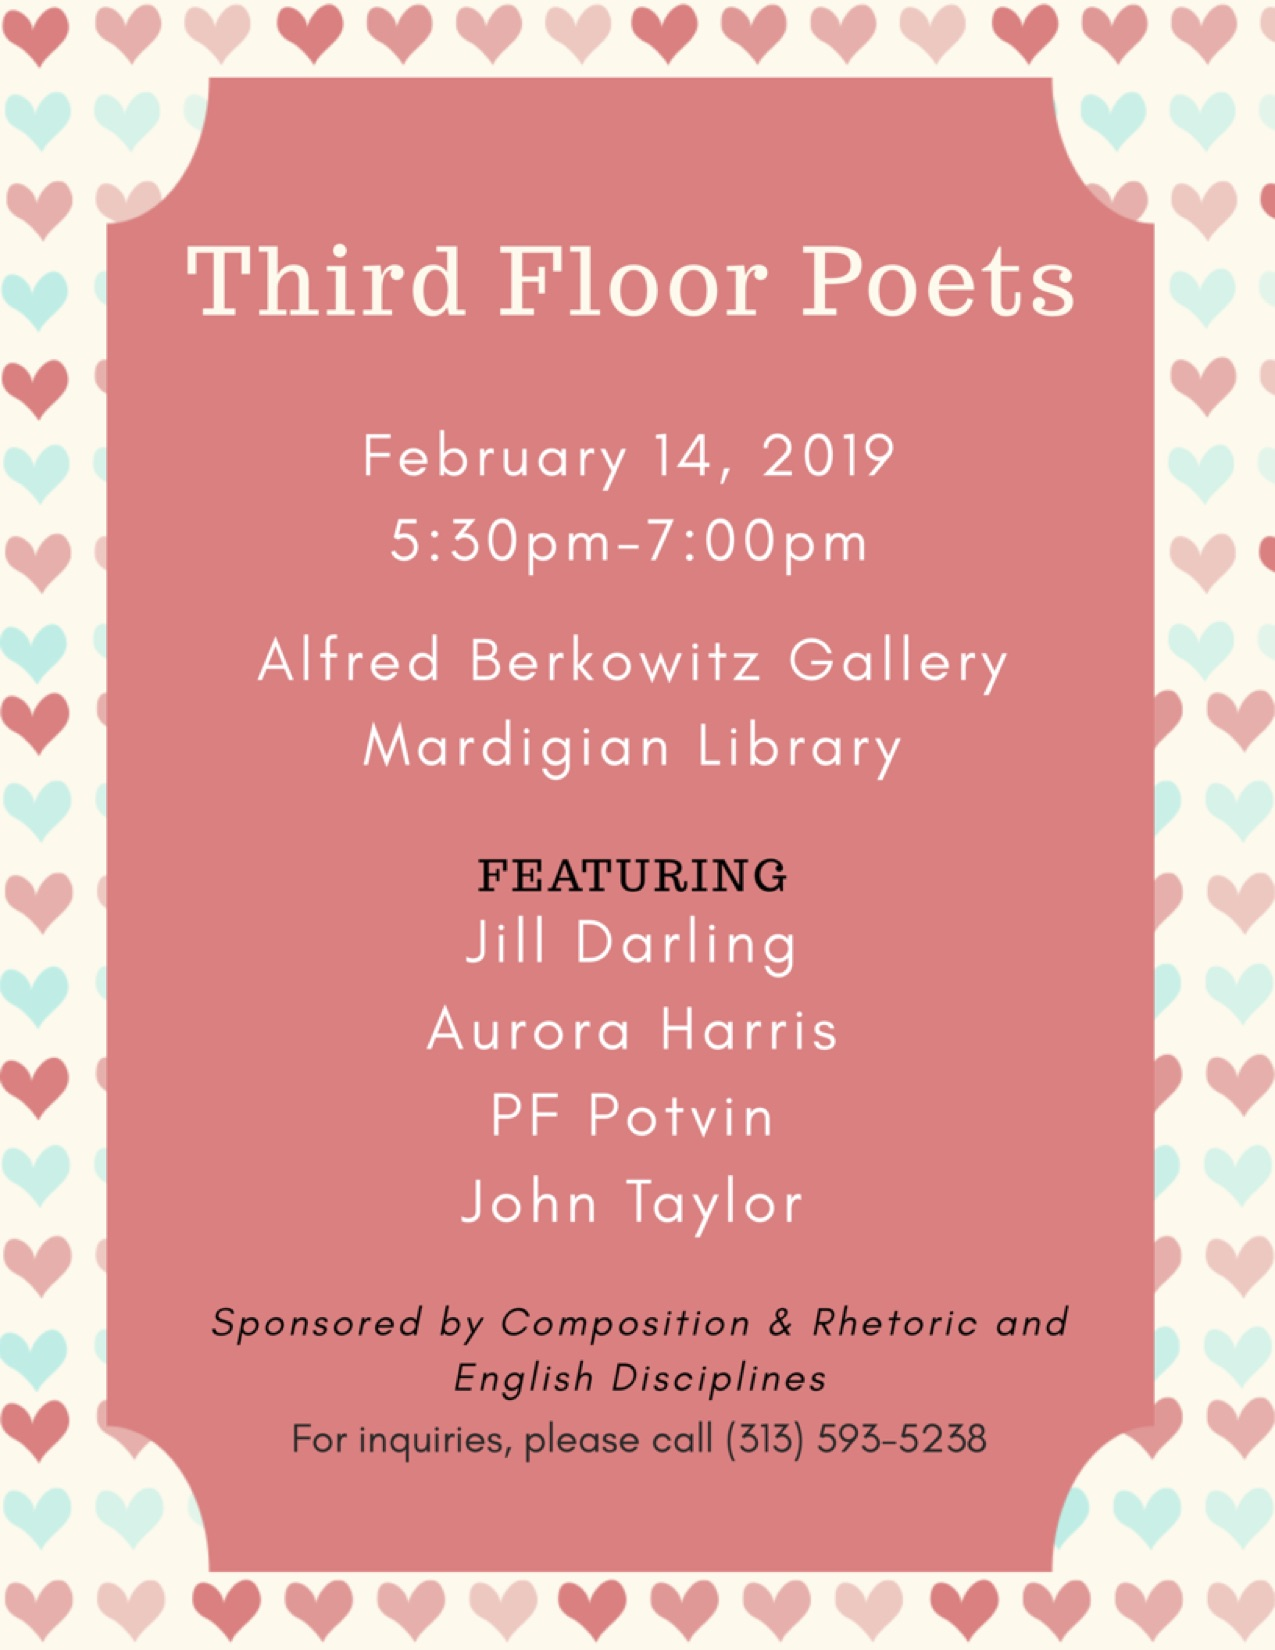 Third Floor Poets Valentine's Day Reading